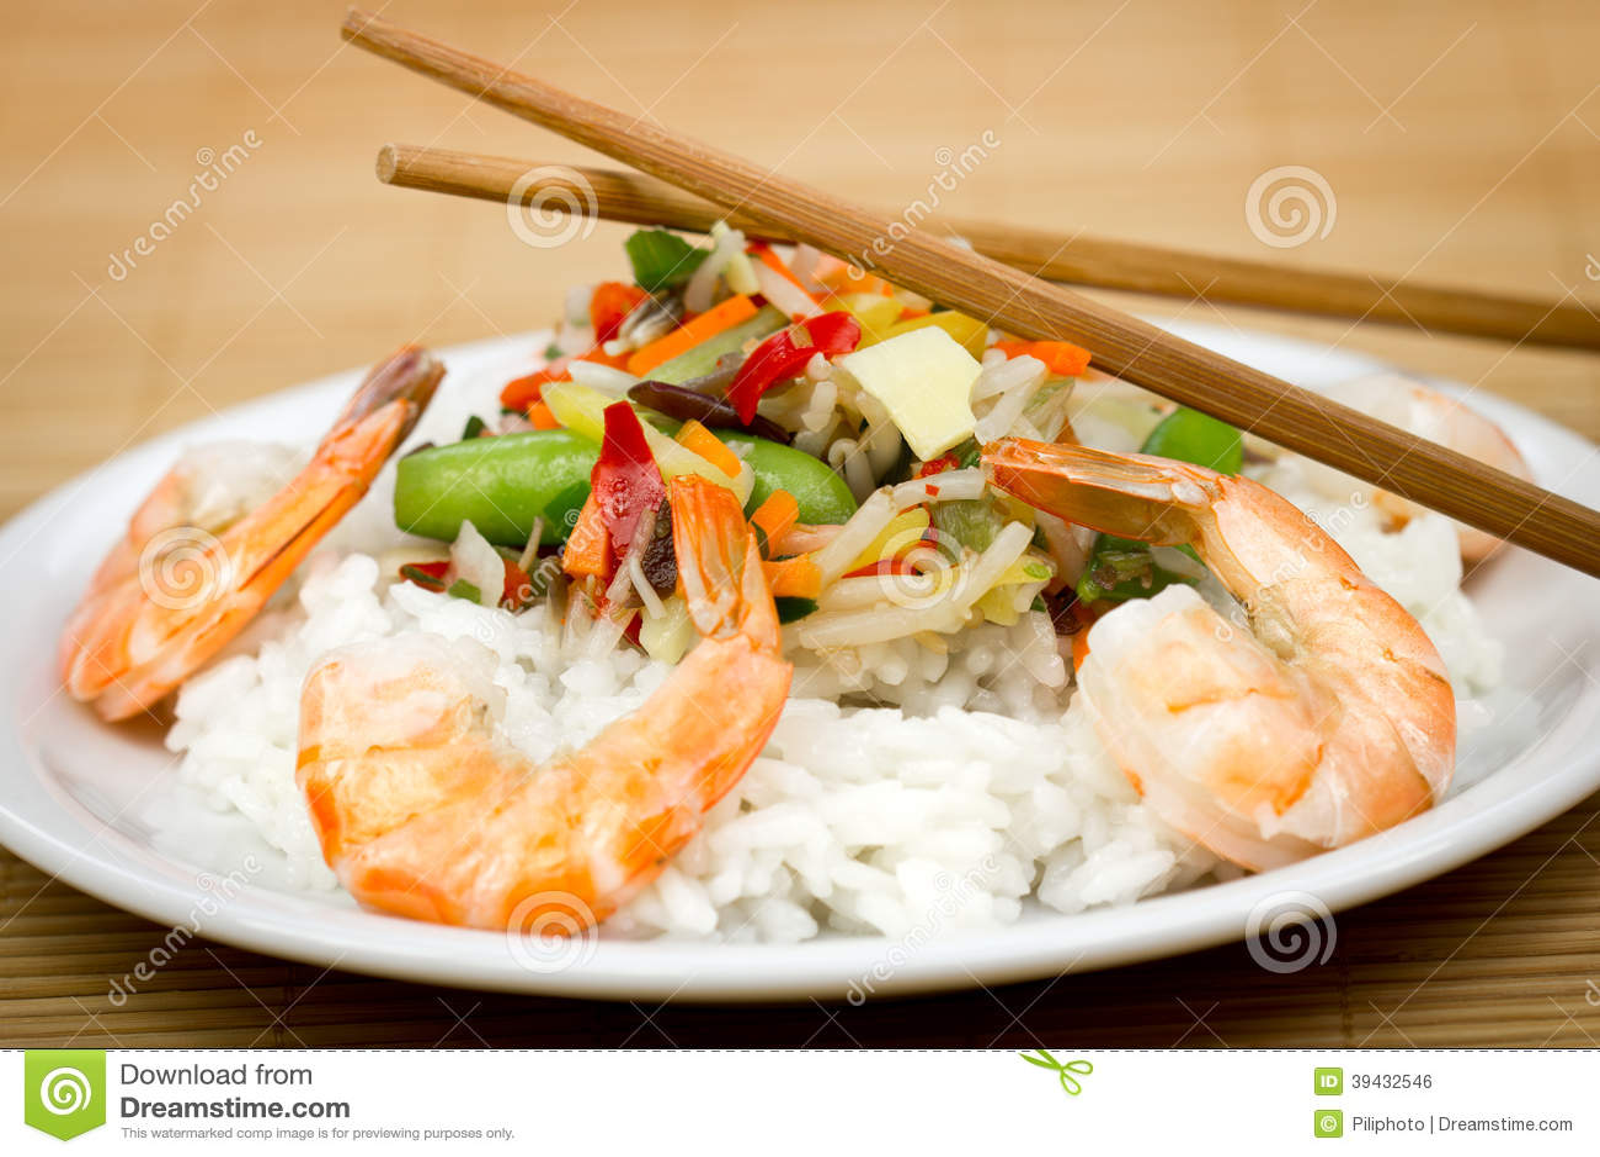 Crevettes et riz du plat avec des l gumes photo stock for Decoration de plat avec des legumes